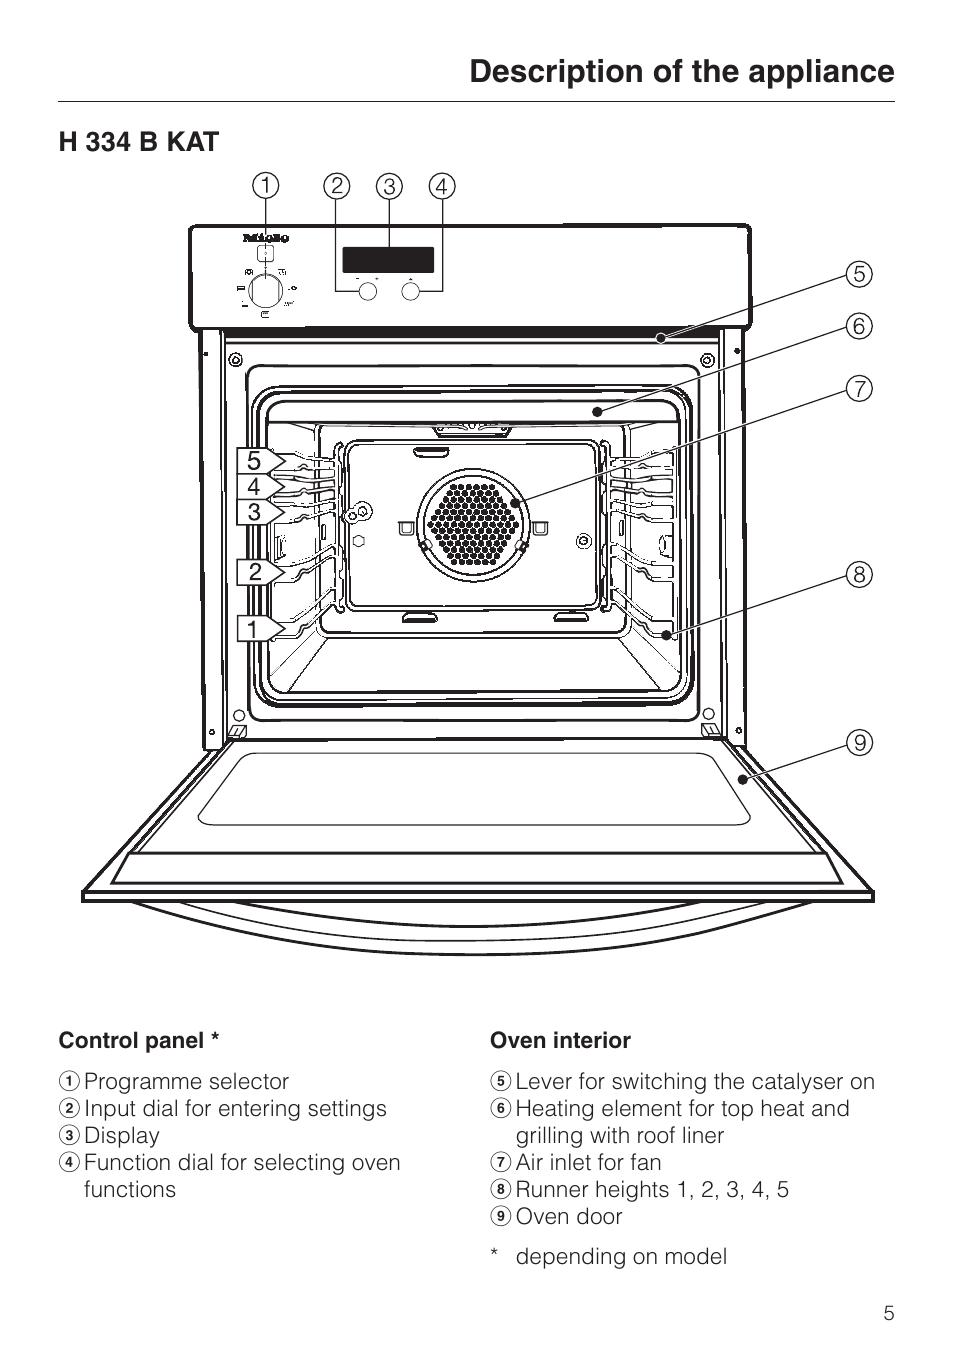 H 334 B Kat 5 H 334 B Kat Description Of The Appliance